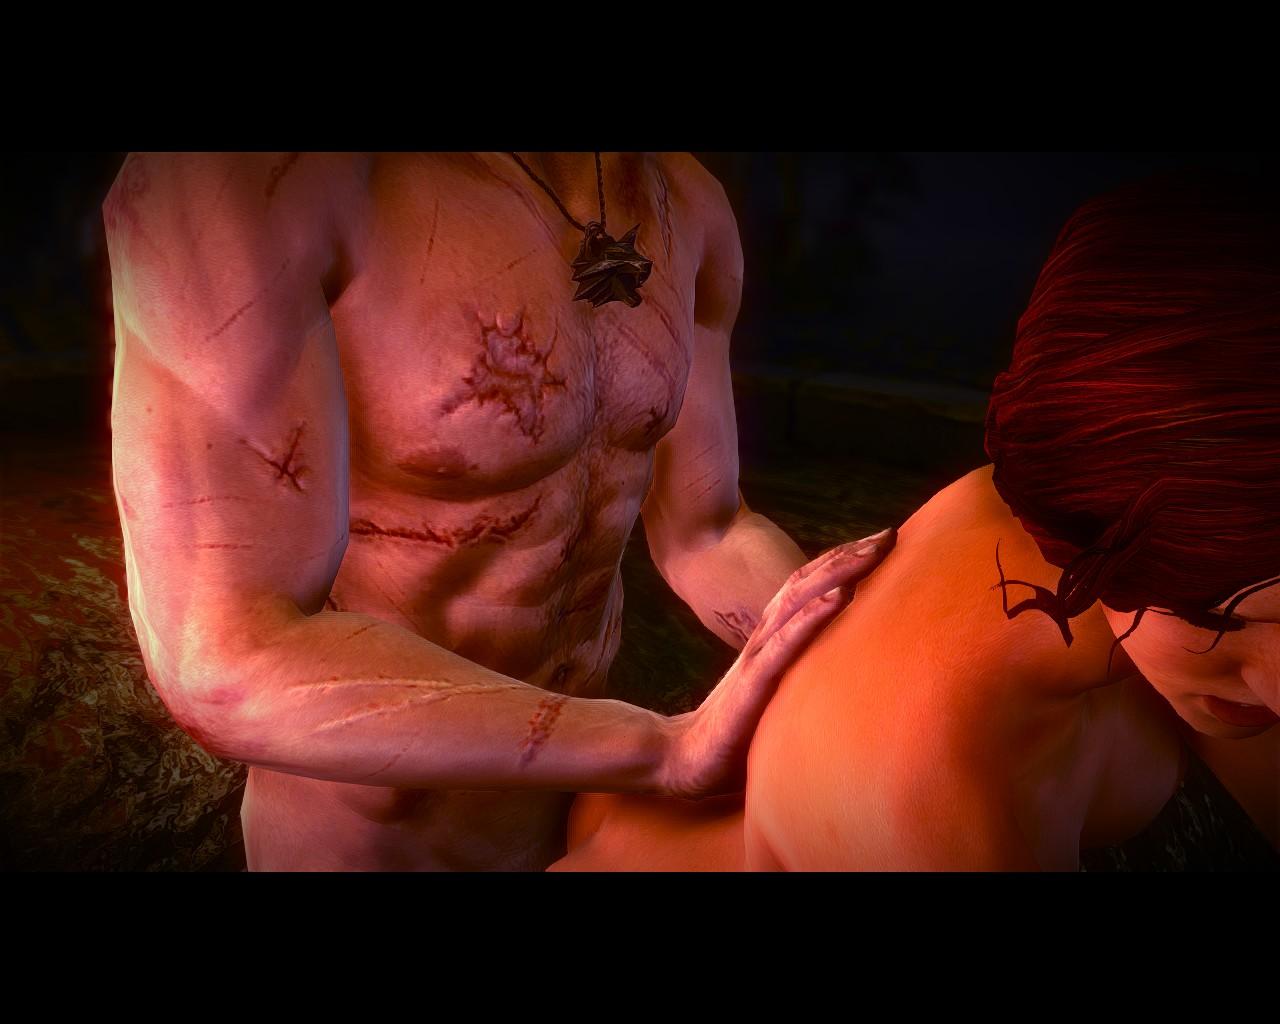 eroticheskie-stseni-v-vedmake-3